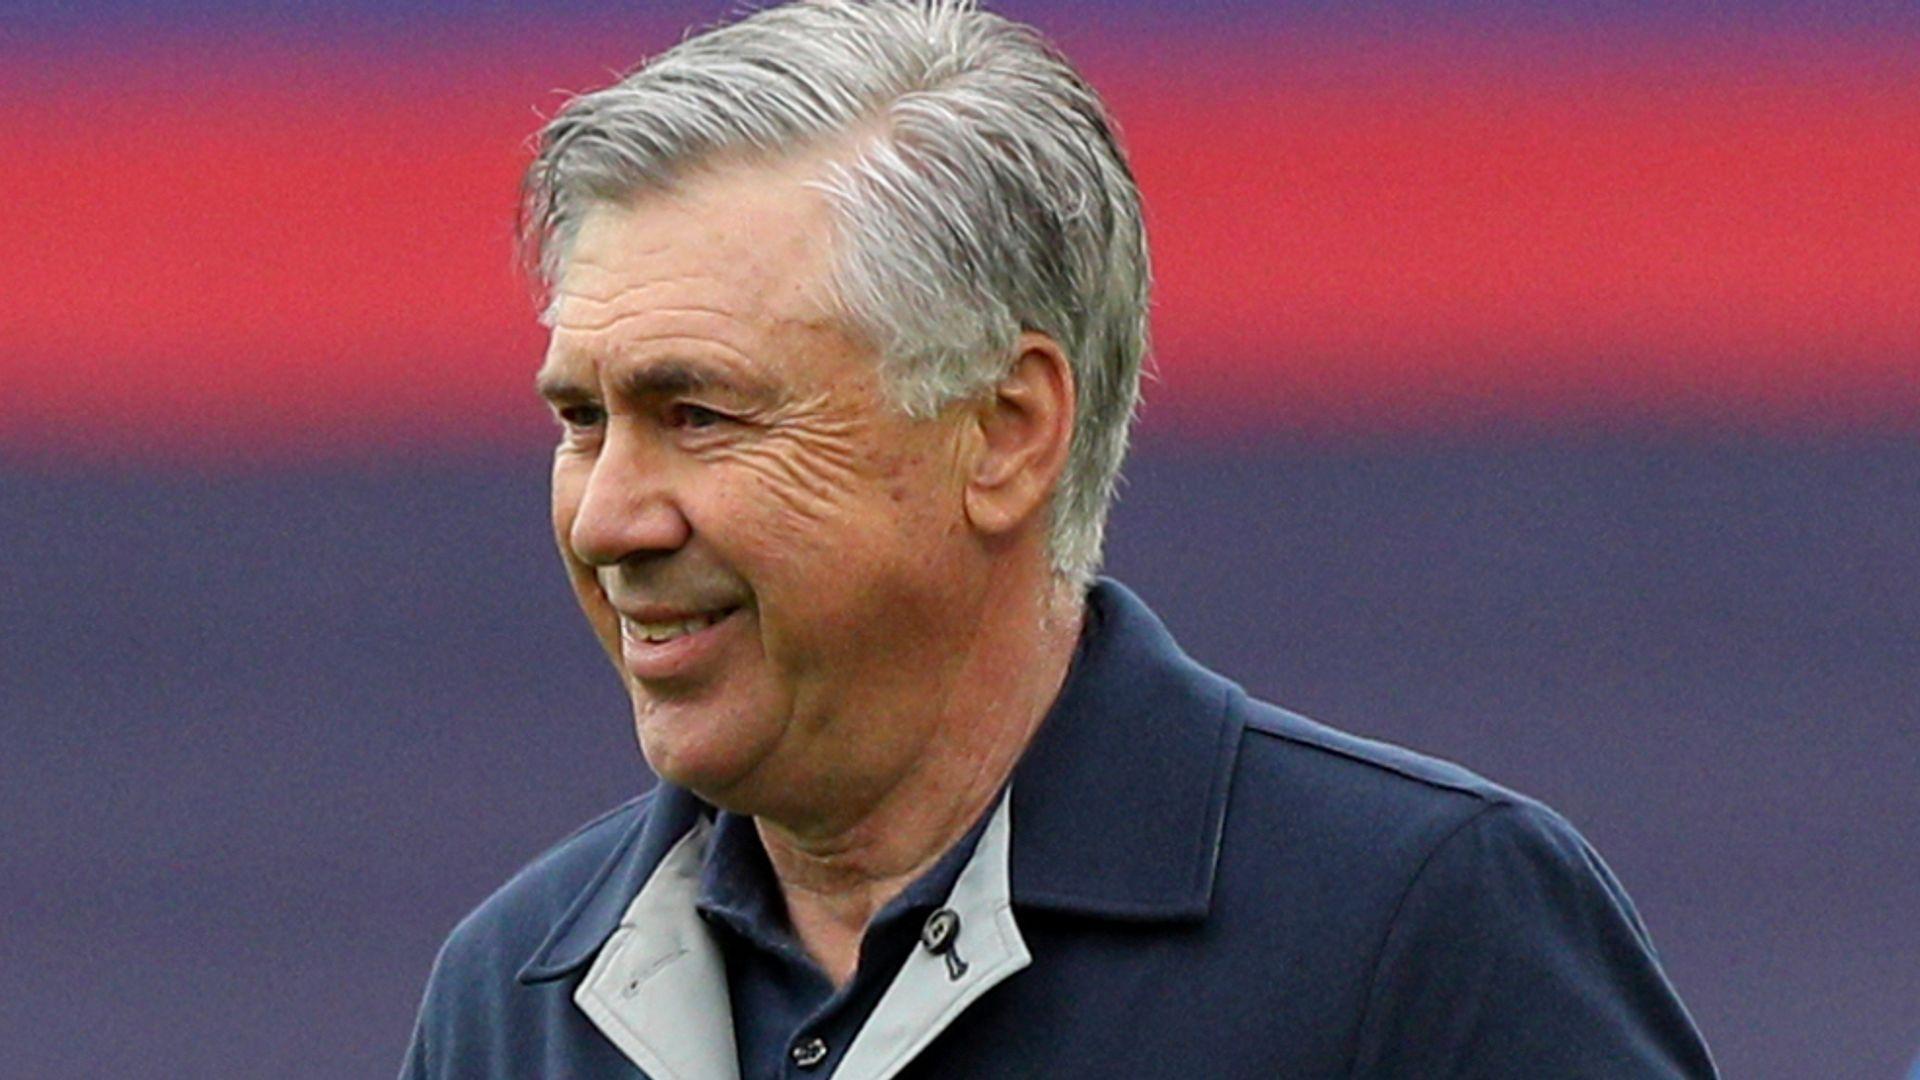 gercek,-ancelotti'nin-zidane-yerine-geri-donmesini-istiyor